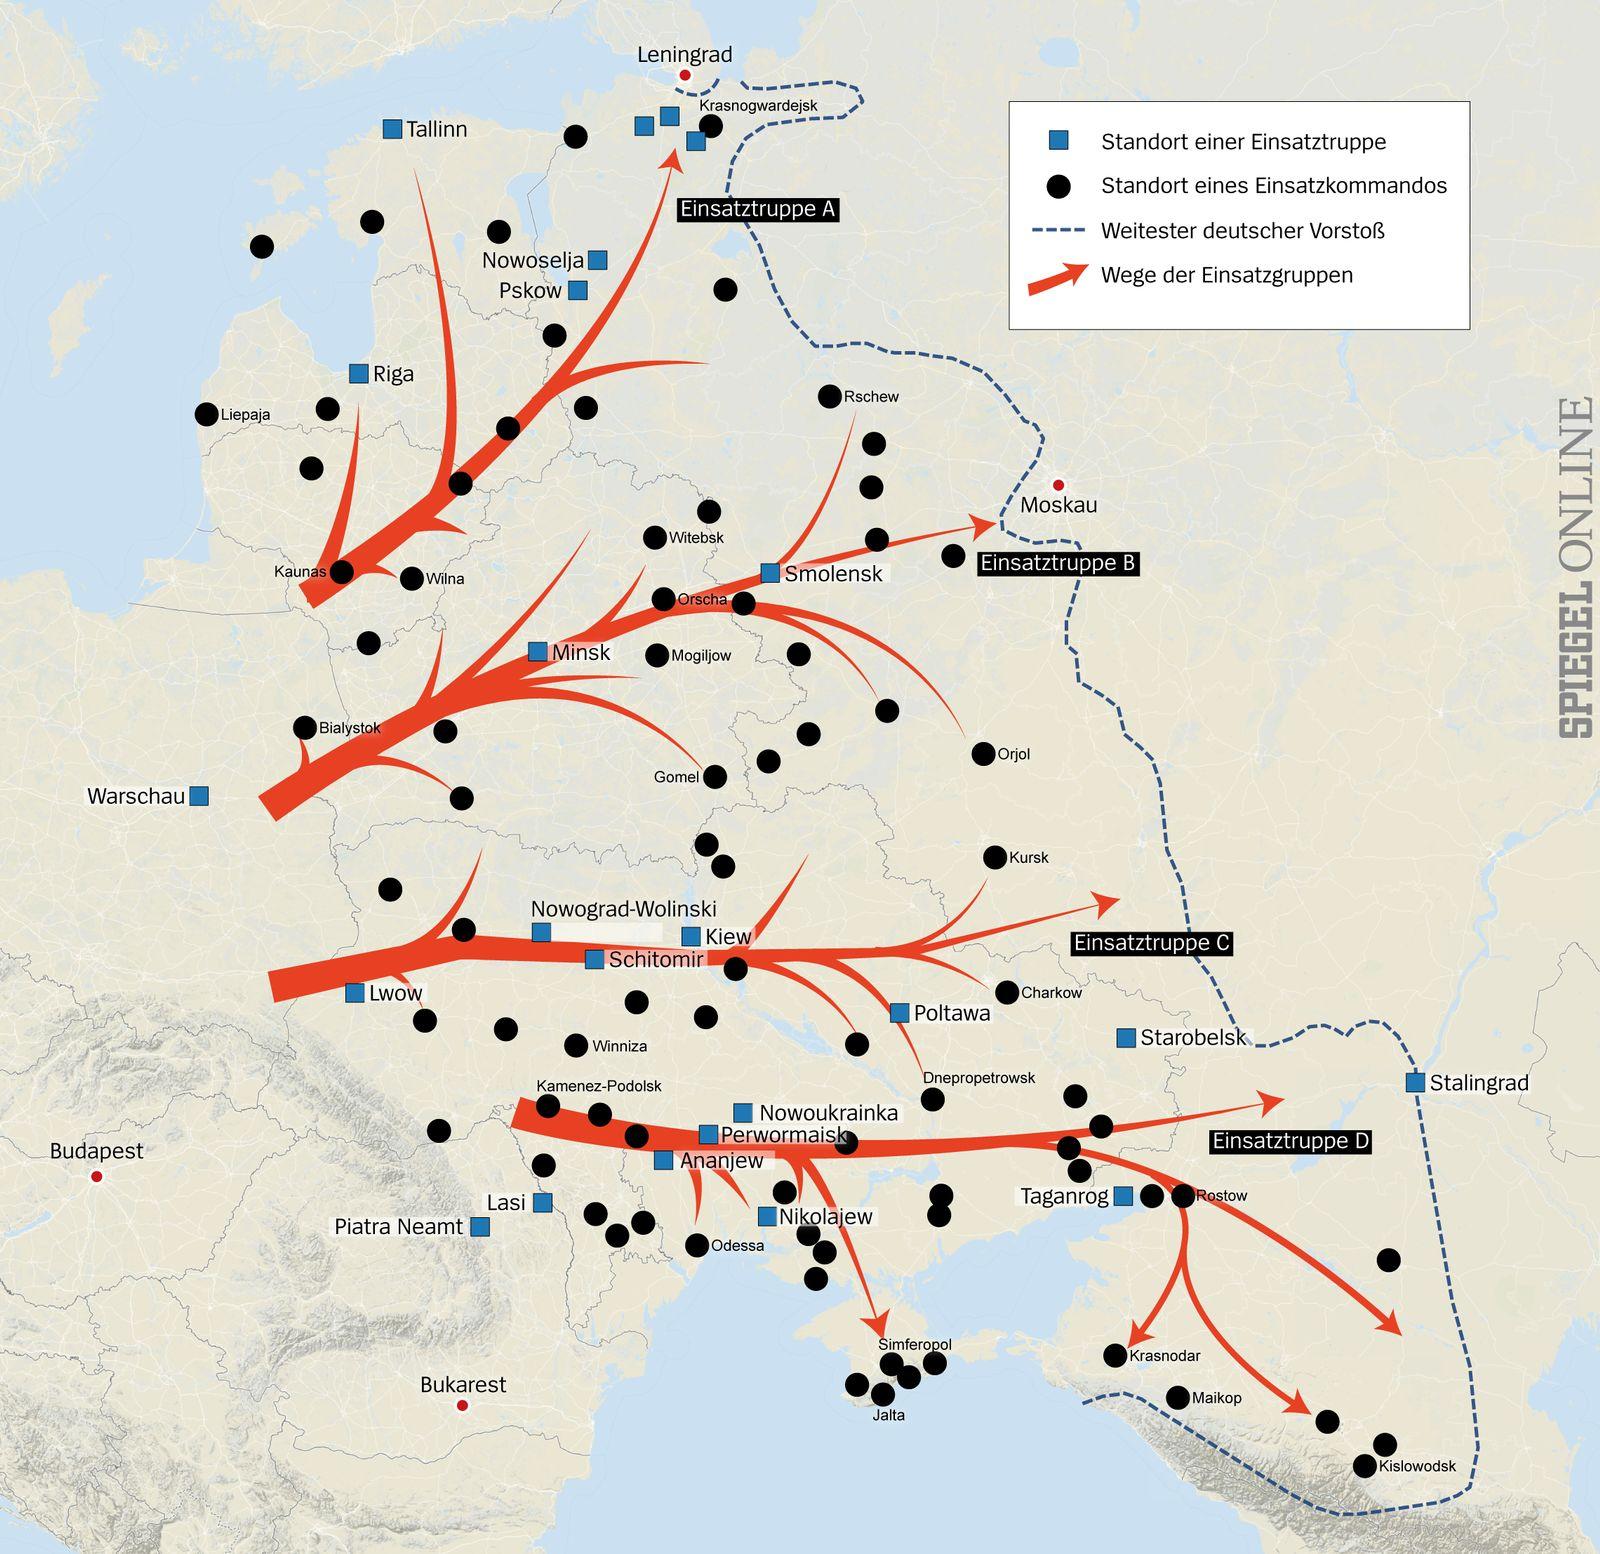 Karte Barabarossa v2